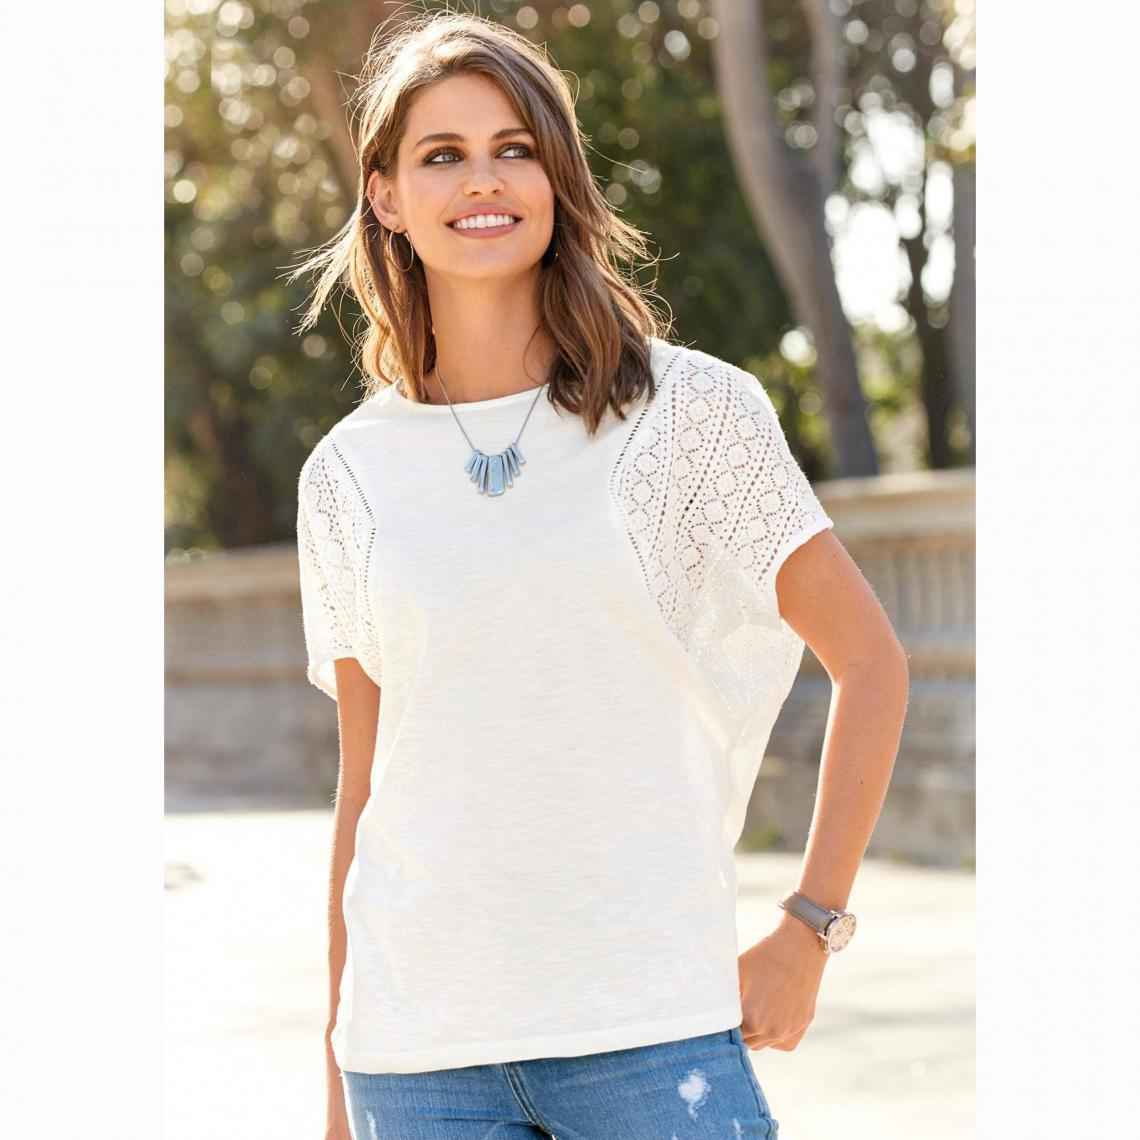 6473b4e3bb38d Tee-shirt manches courtes broderie femme - écru | 3 SUISSES